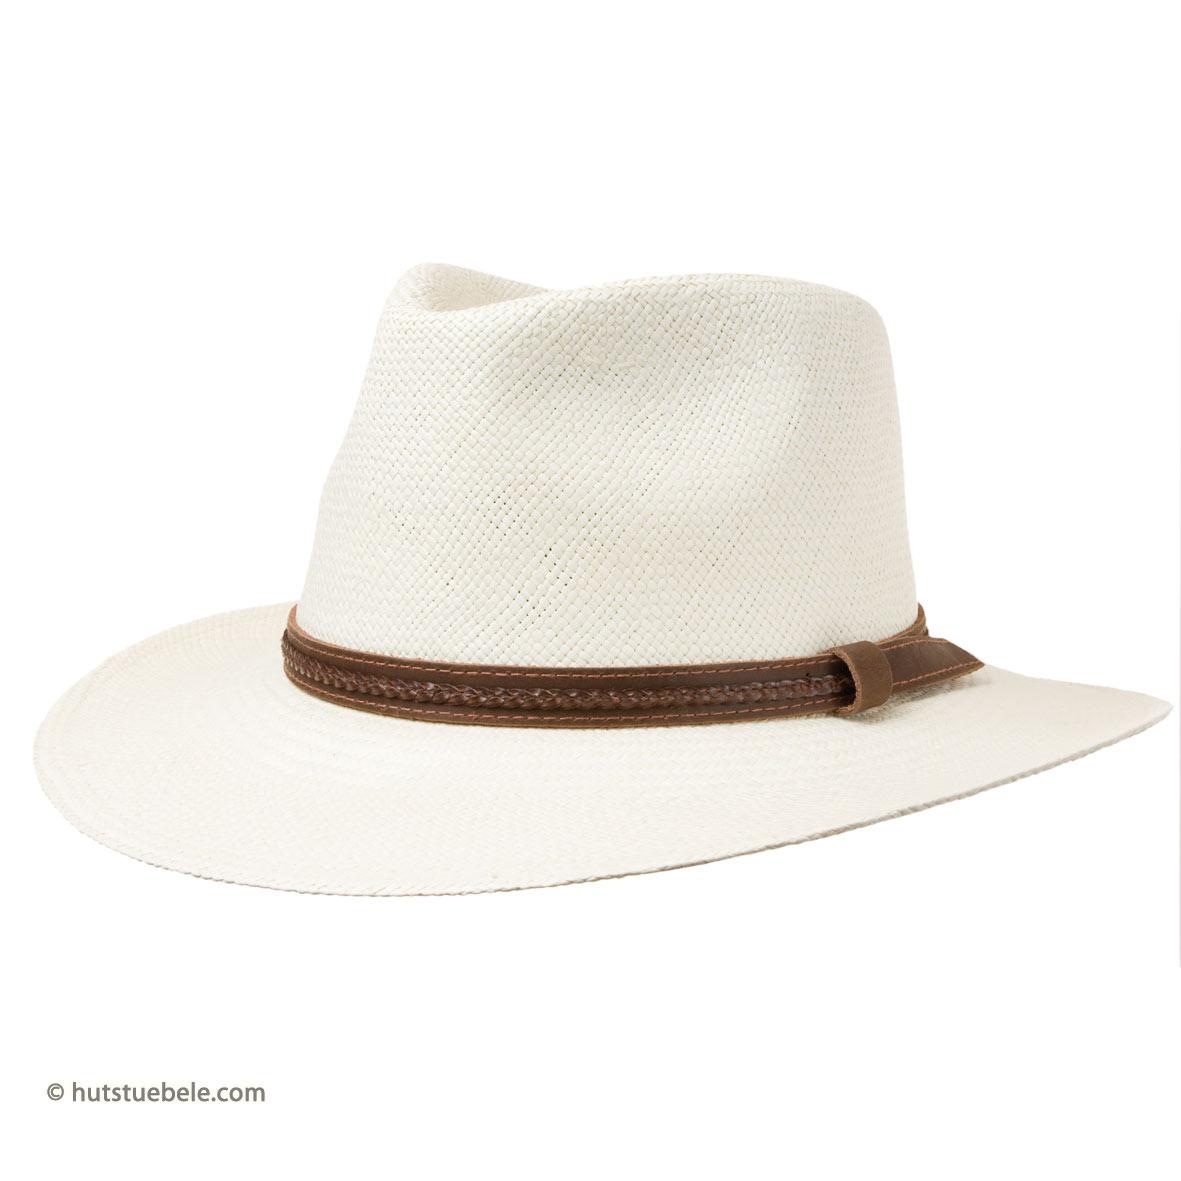 Magnifico cappello da uomo in paglia ed in stile Panama b11fe8db2921